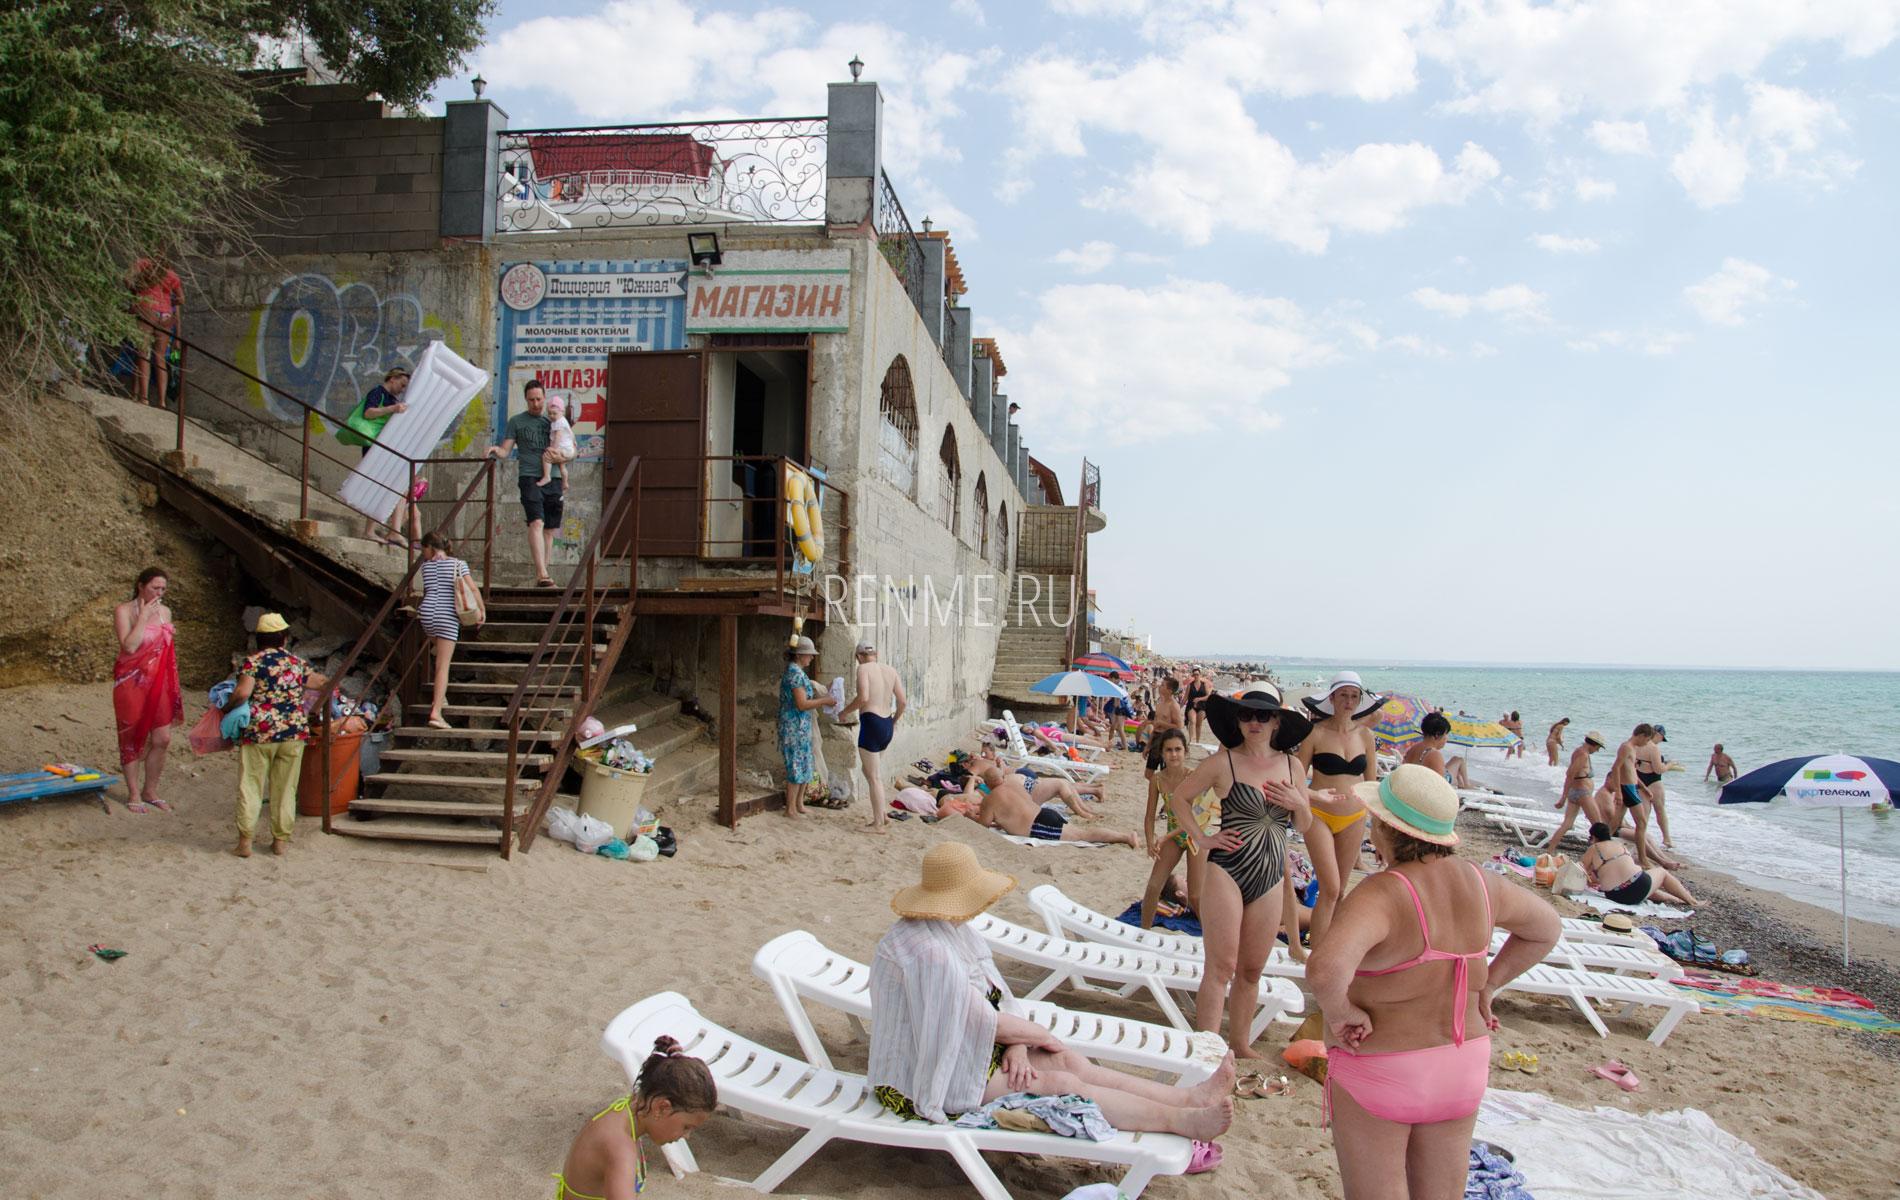 Пиццерия, магазин на пляже. Фото Николаевки